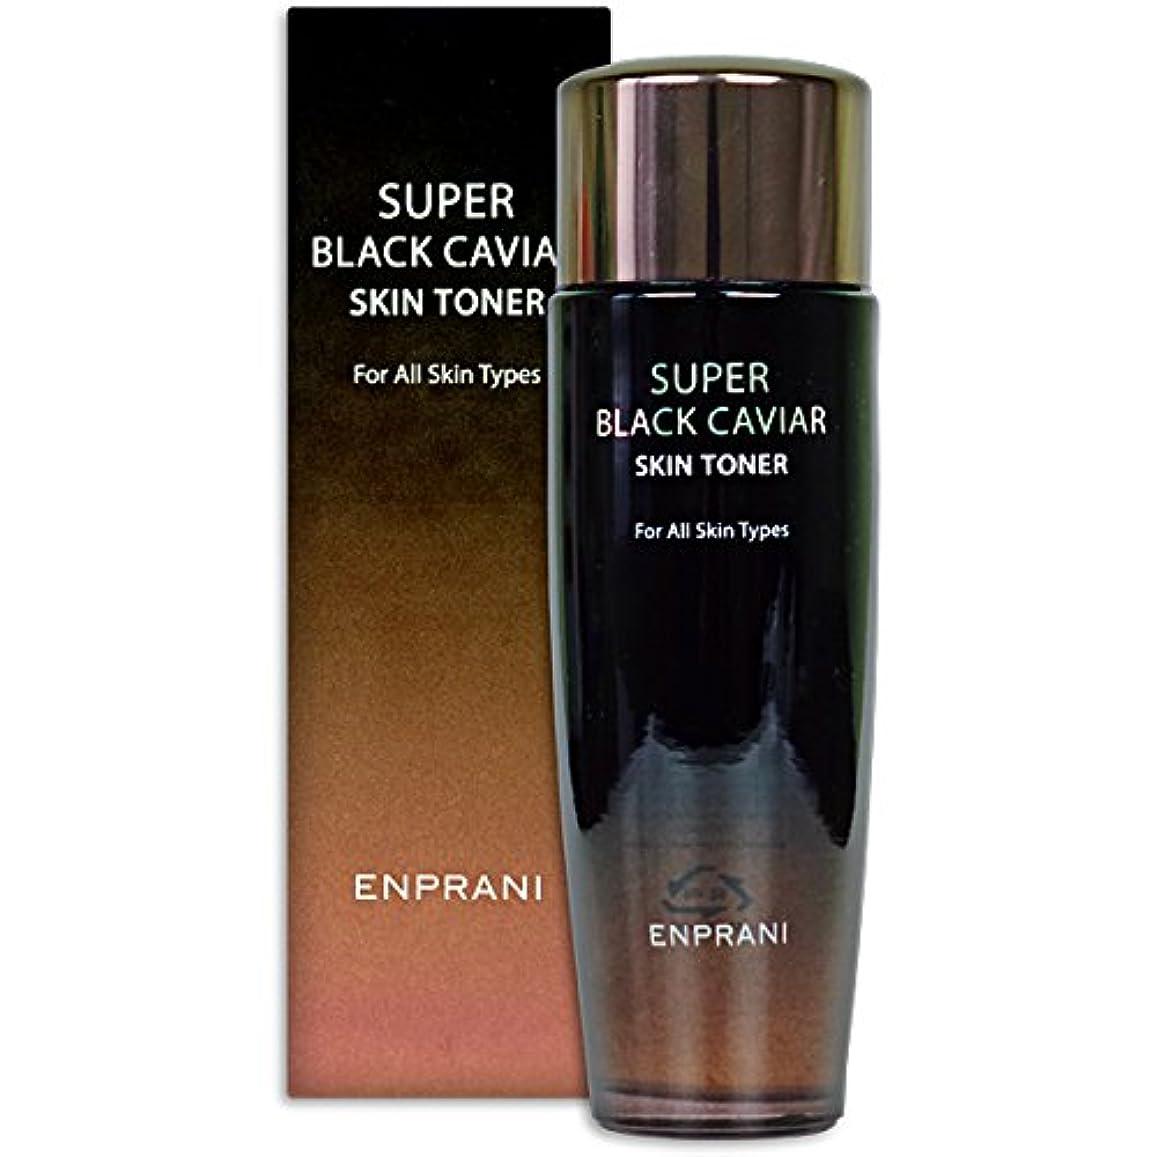 哀れなロゴカウンタENPRANI Super Black Caviar Skin Toner 150ml /エンプラニスーパーブラックキャビアスキントナー150ml [並行輸入品]